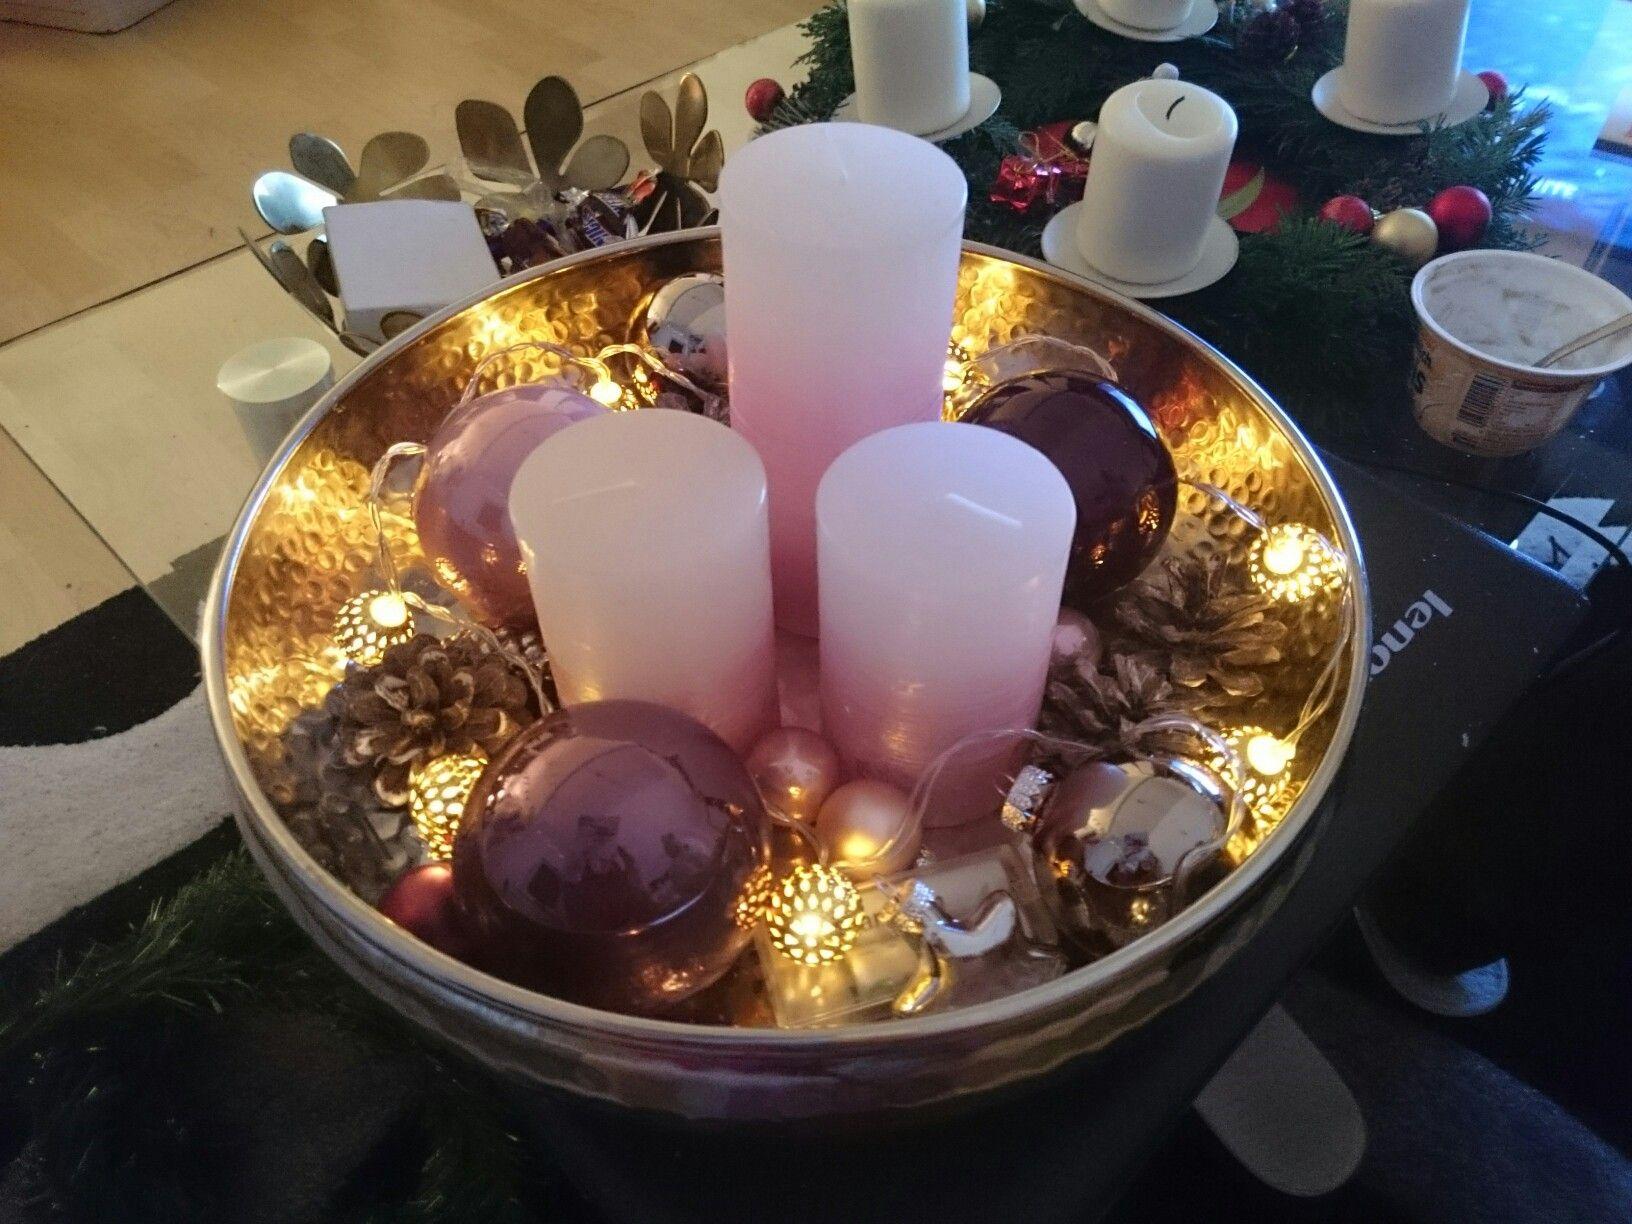 Mein Weihnachts Dekoteller Deko Weihnachten